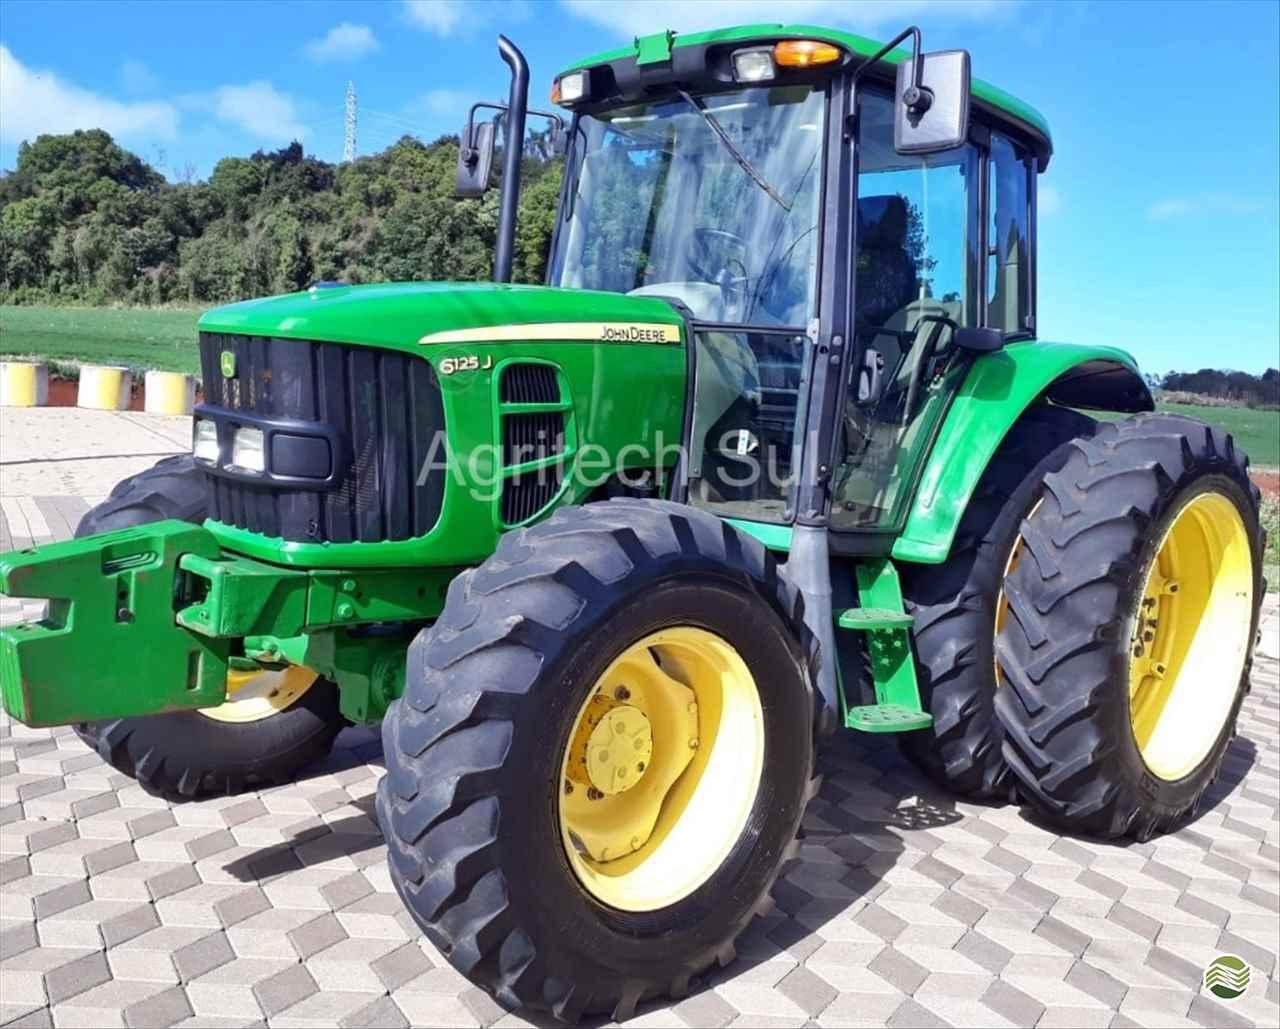 JOHN DEERE 6125 de Agritech Sul - PASSO FUNDO/RS